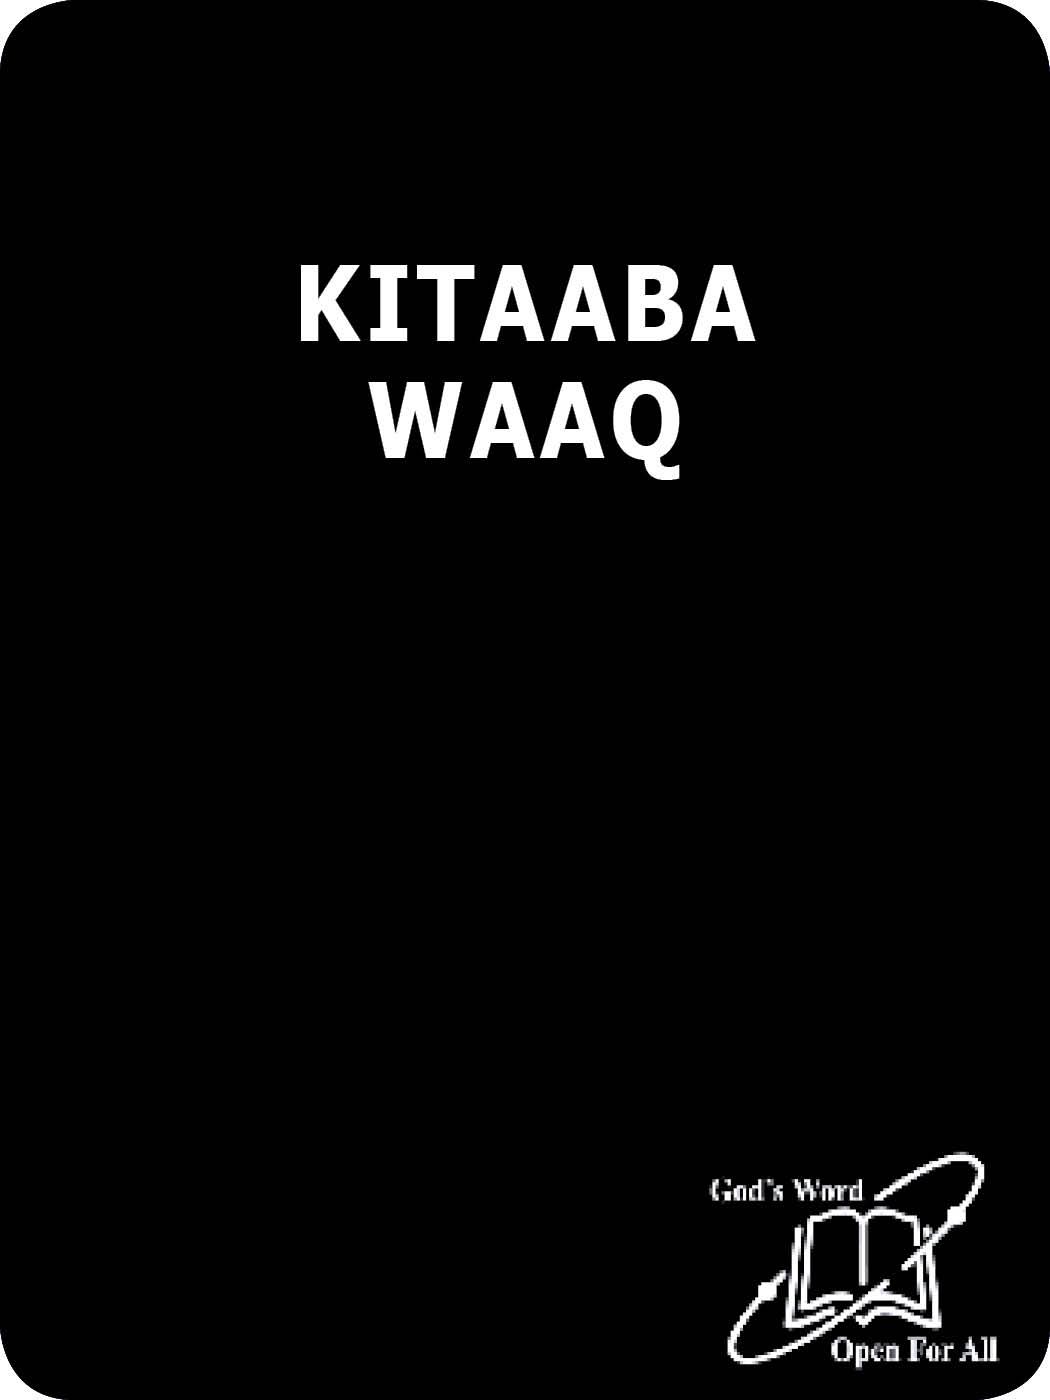 KITAABA WAAQA